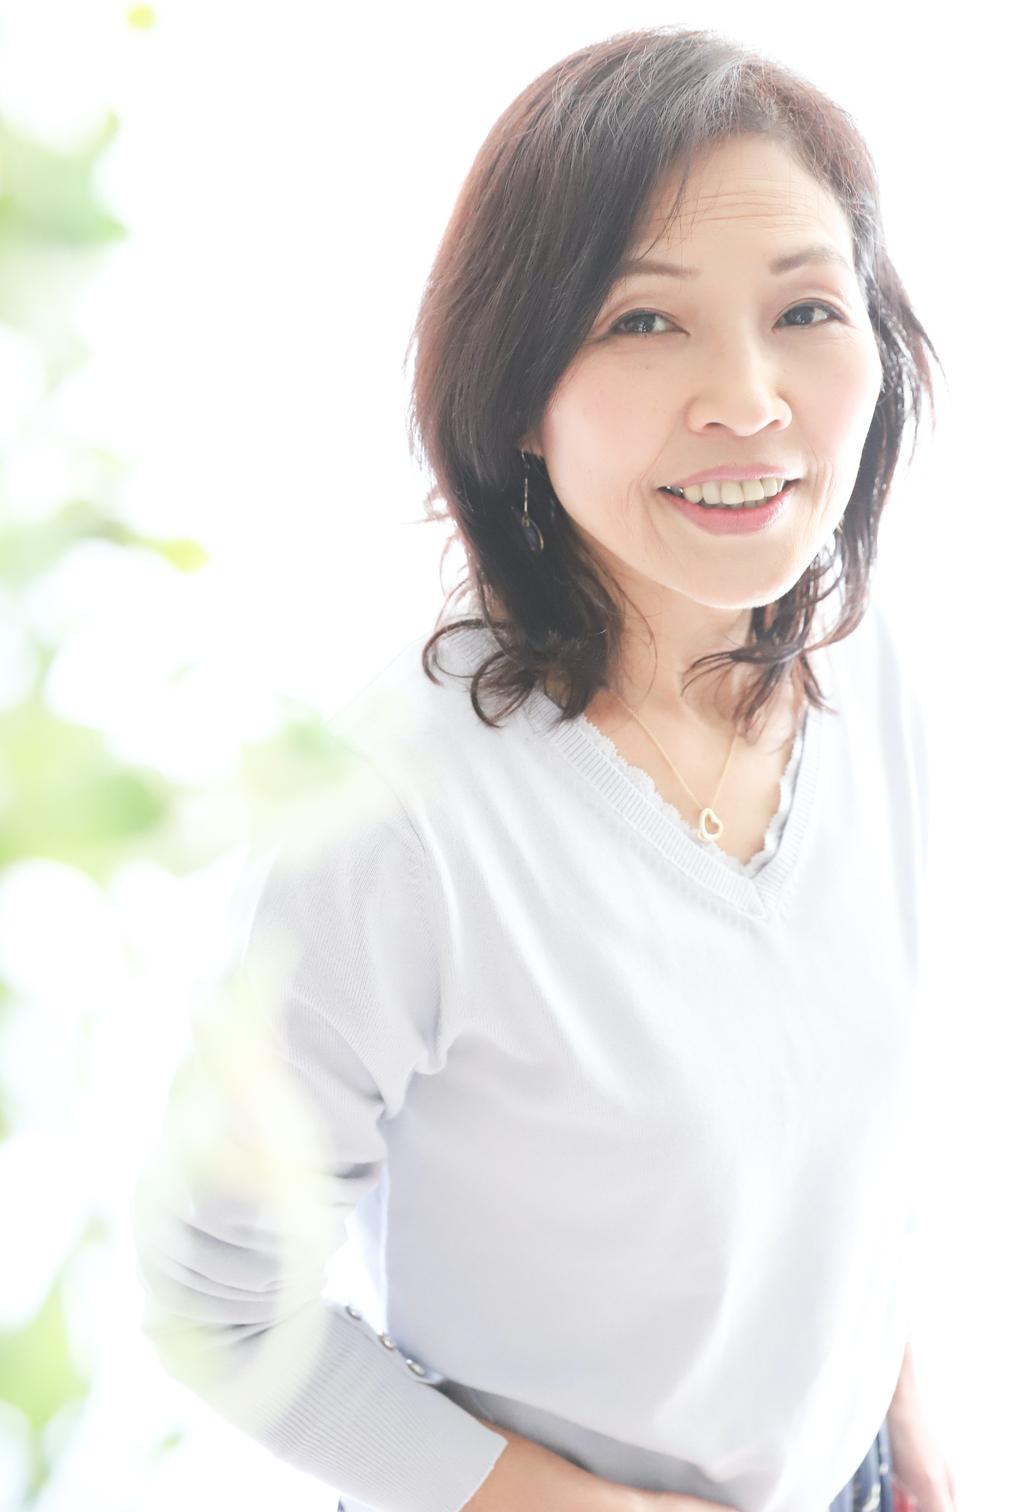 占い師紹介『Biei(ビエイ)』